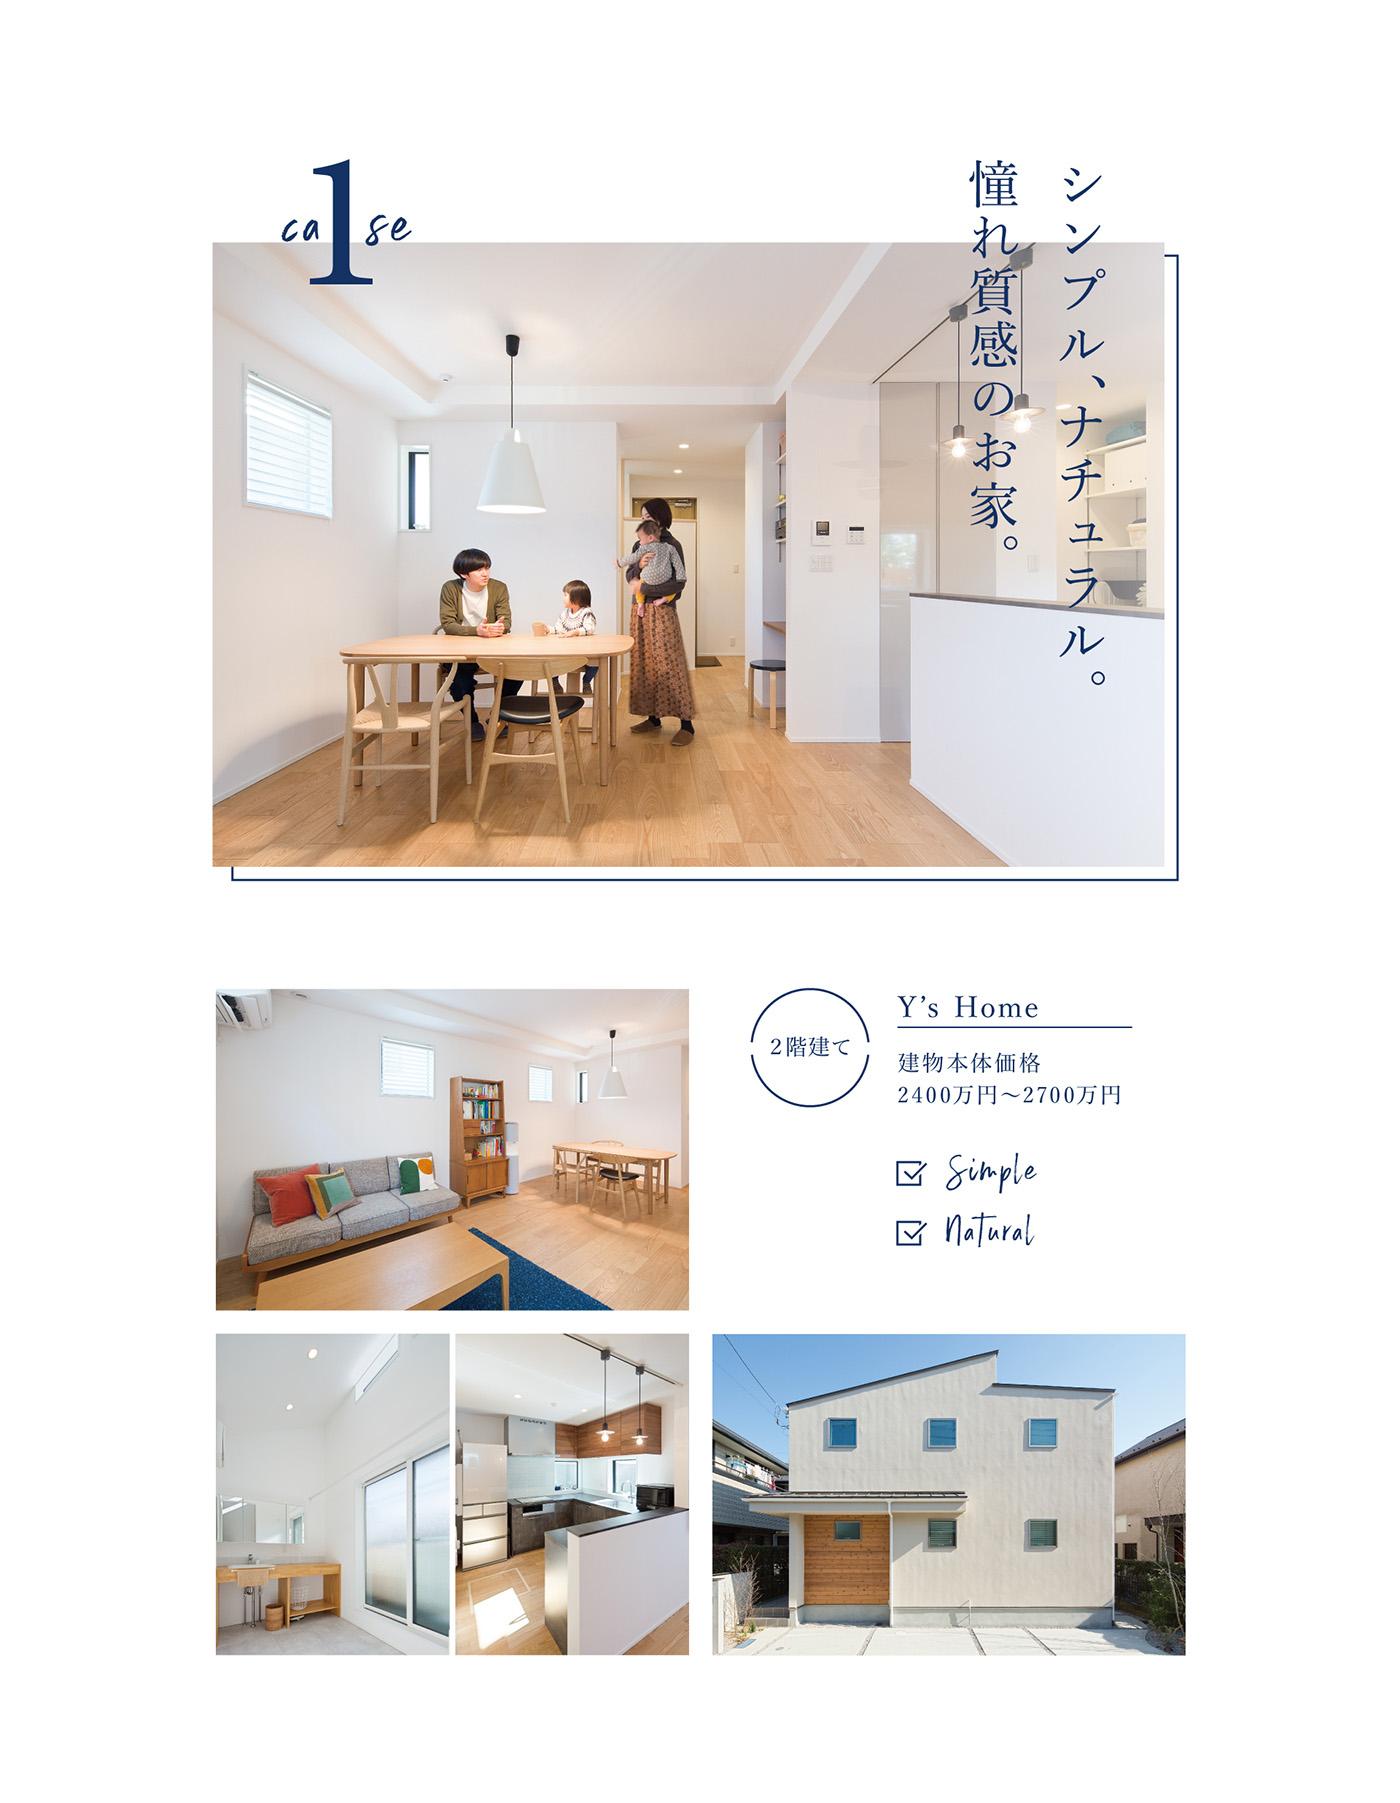 Case1; シンプル、ナチュラル。憧れ質感のお家。2400万円~2700万円。Simple / Natual